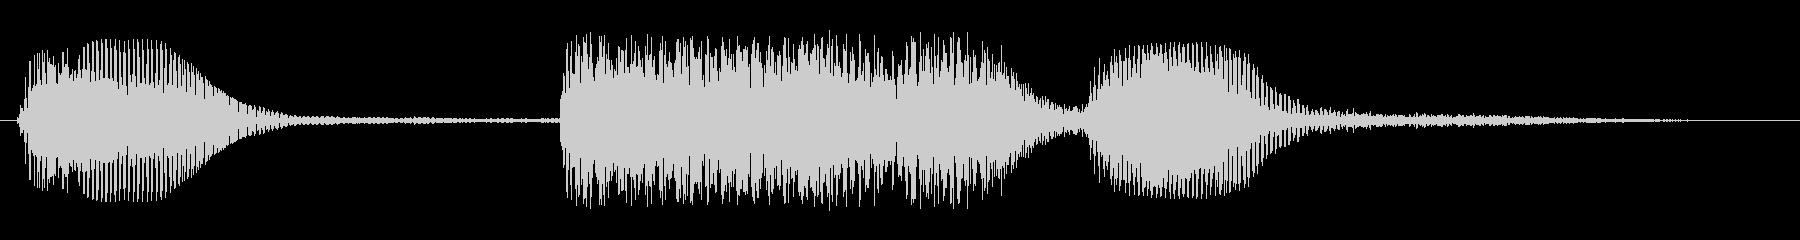 金管楽器風の短いフレーズの未再生の波形